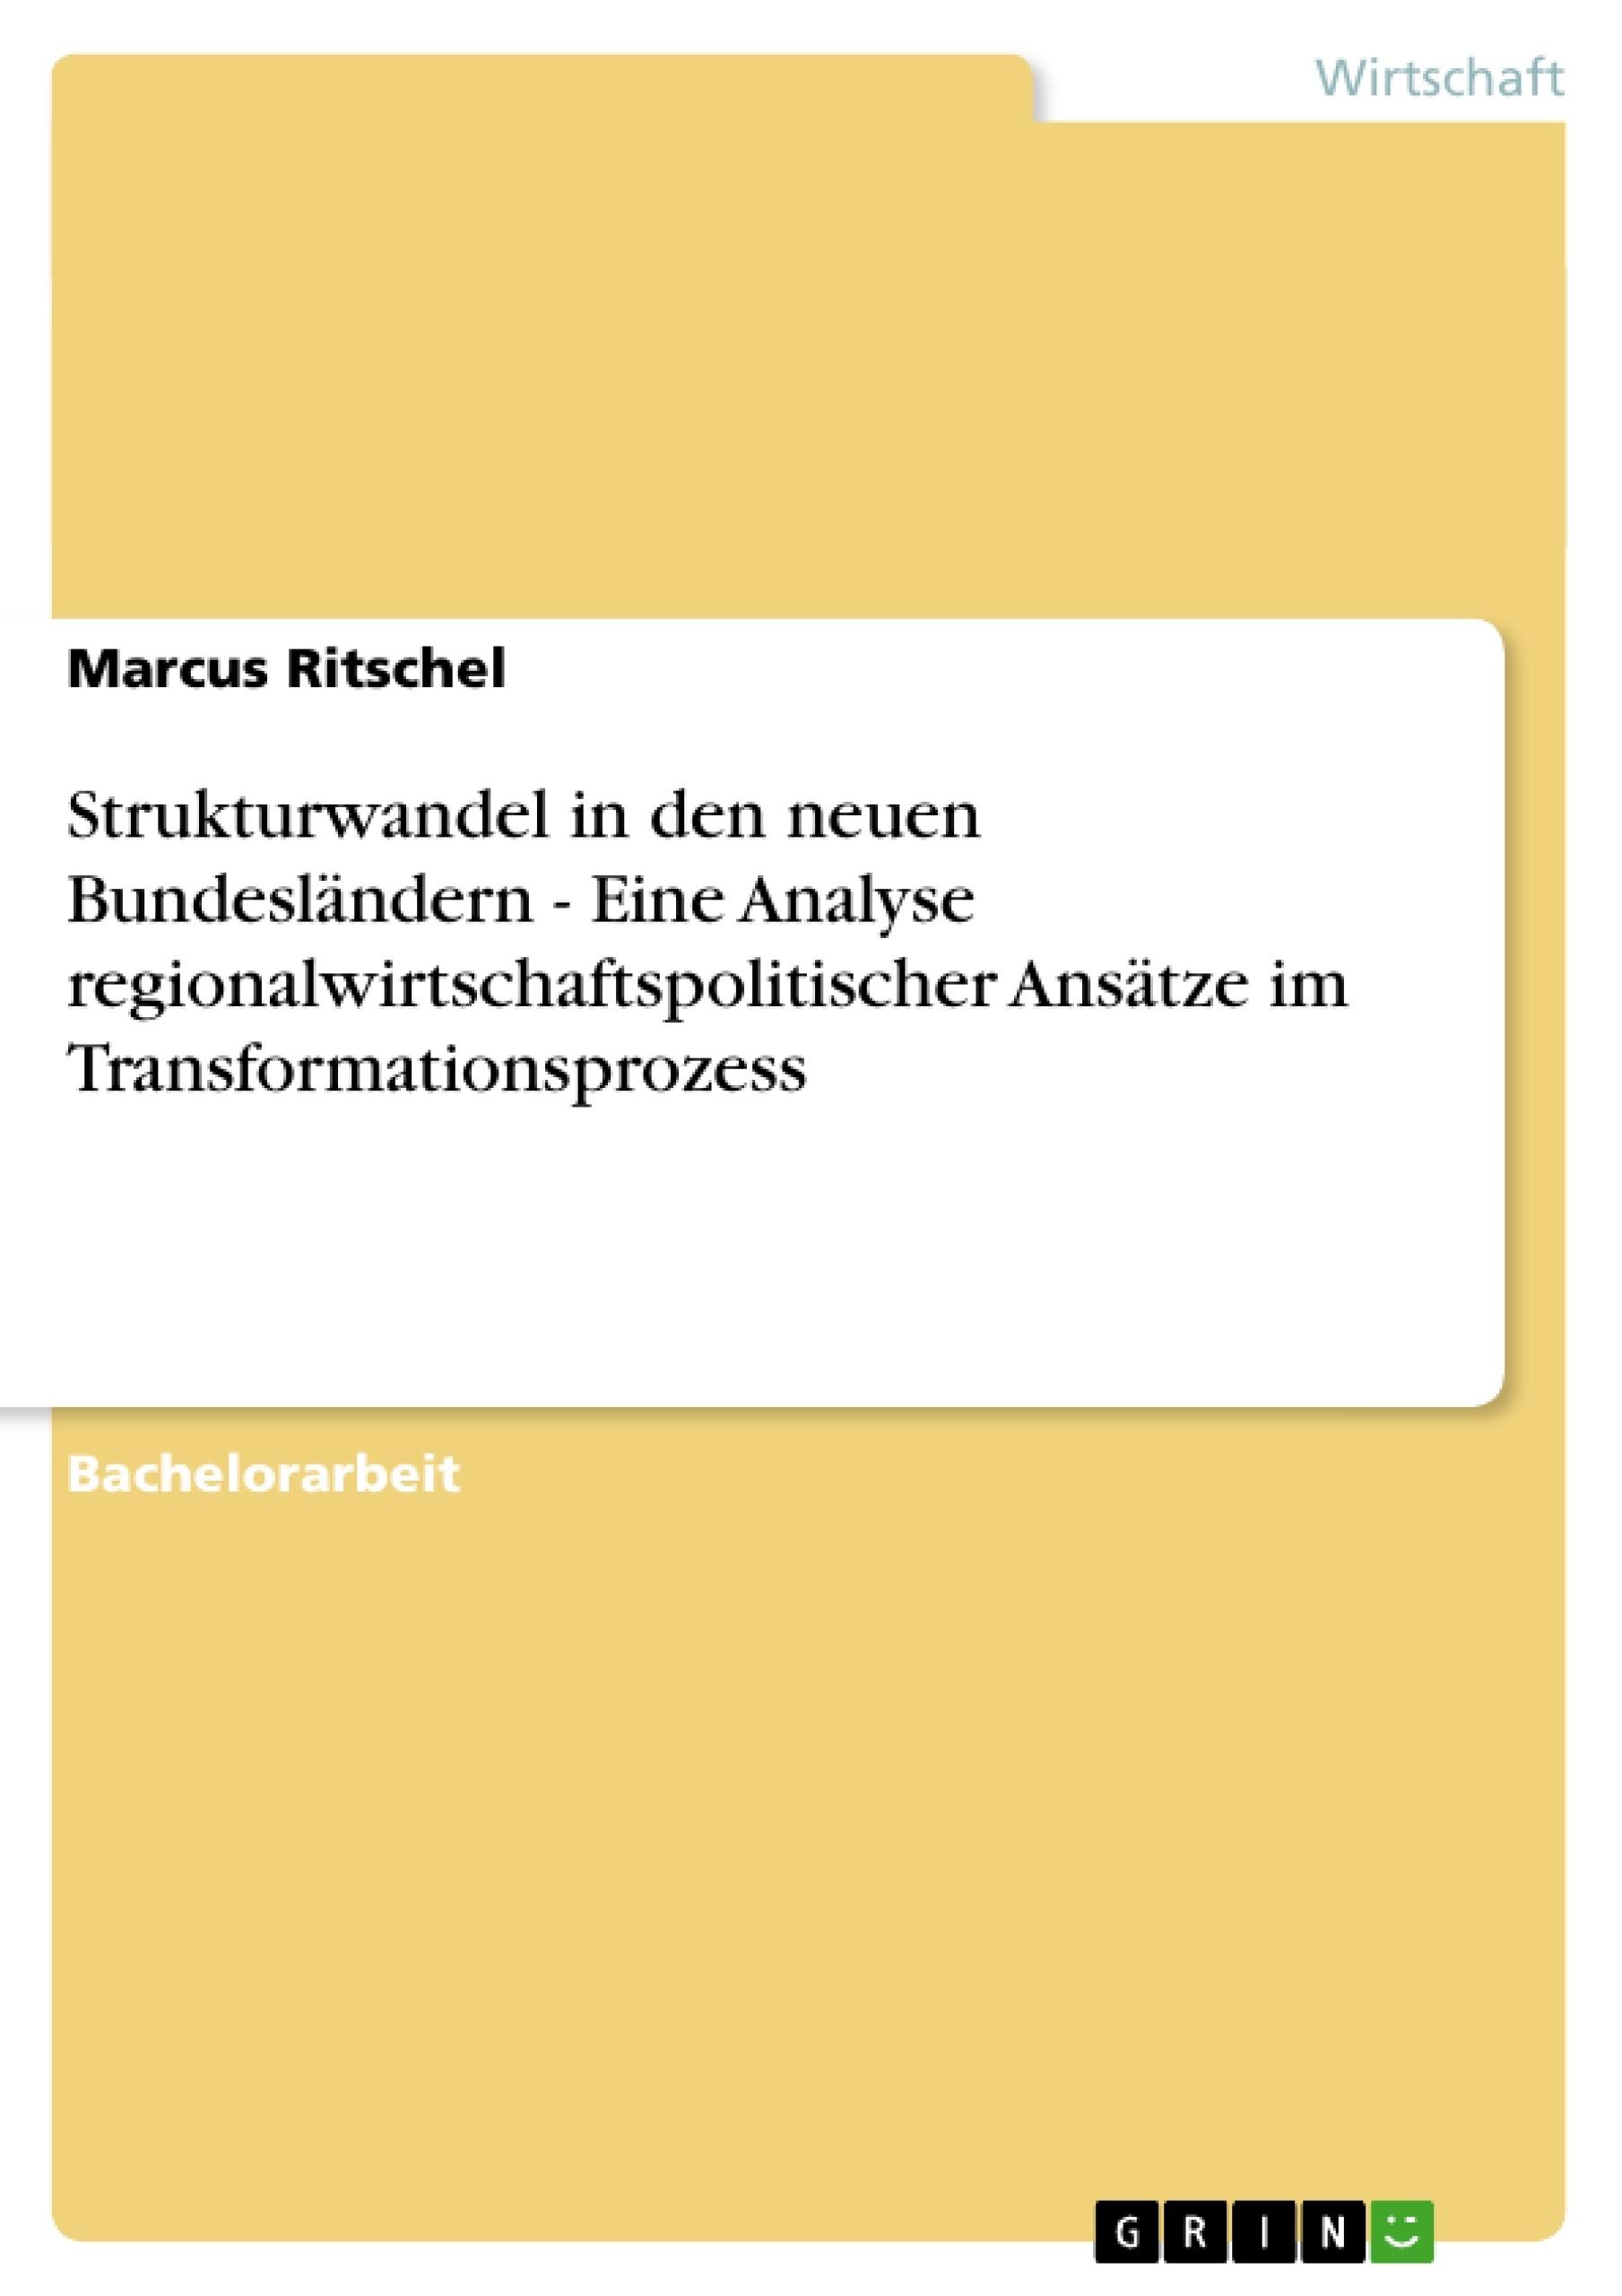 Titel: Strukturwandel in den neuen Bundesländern - Eine Analyse regionalwirtschaftspolitischer Ansätze im Transformationsprozess